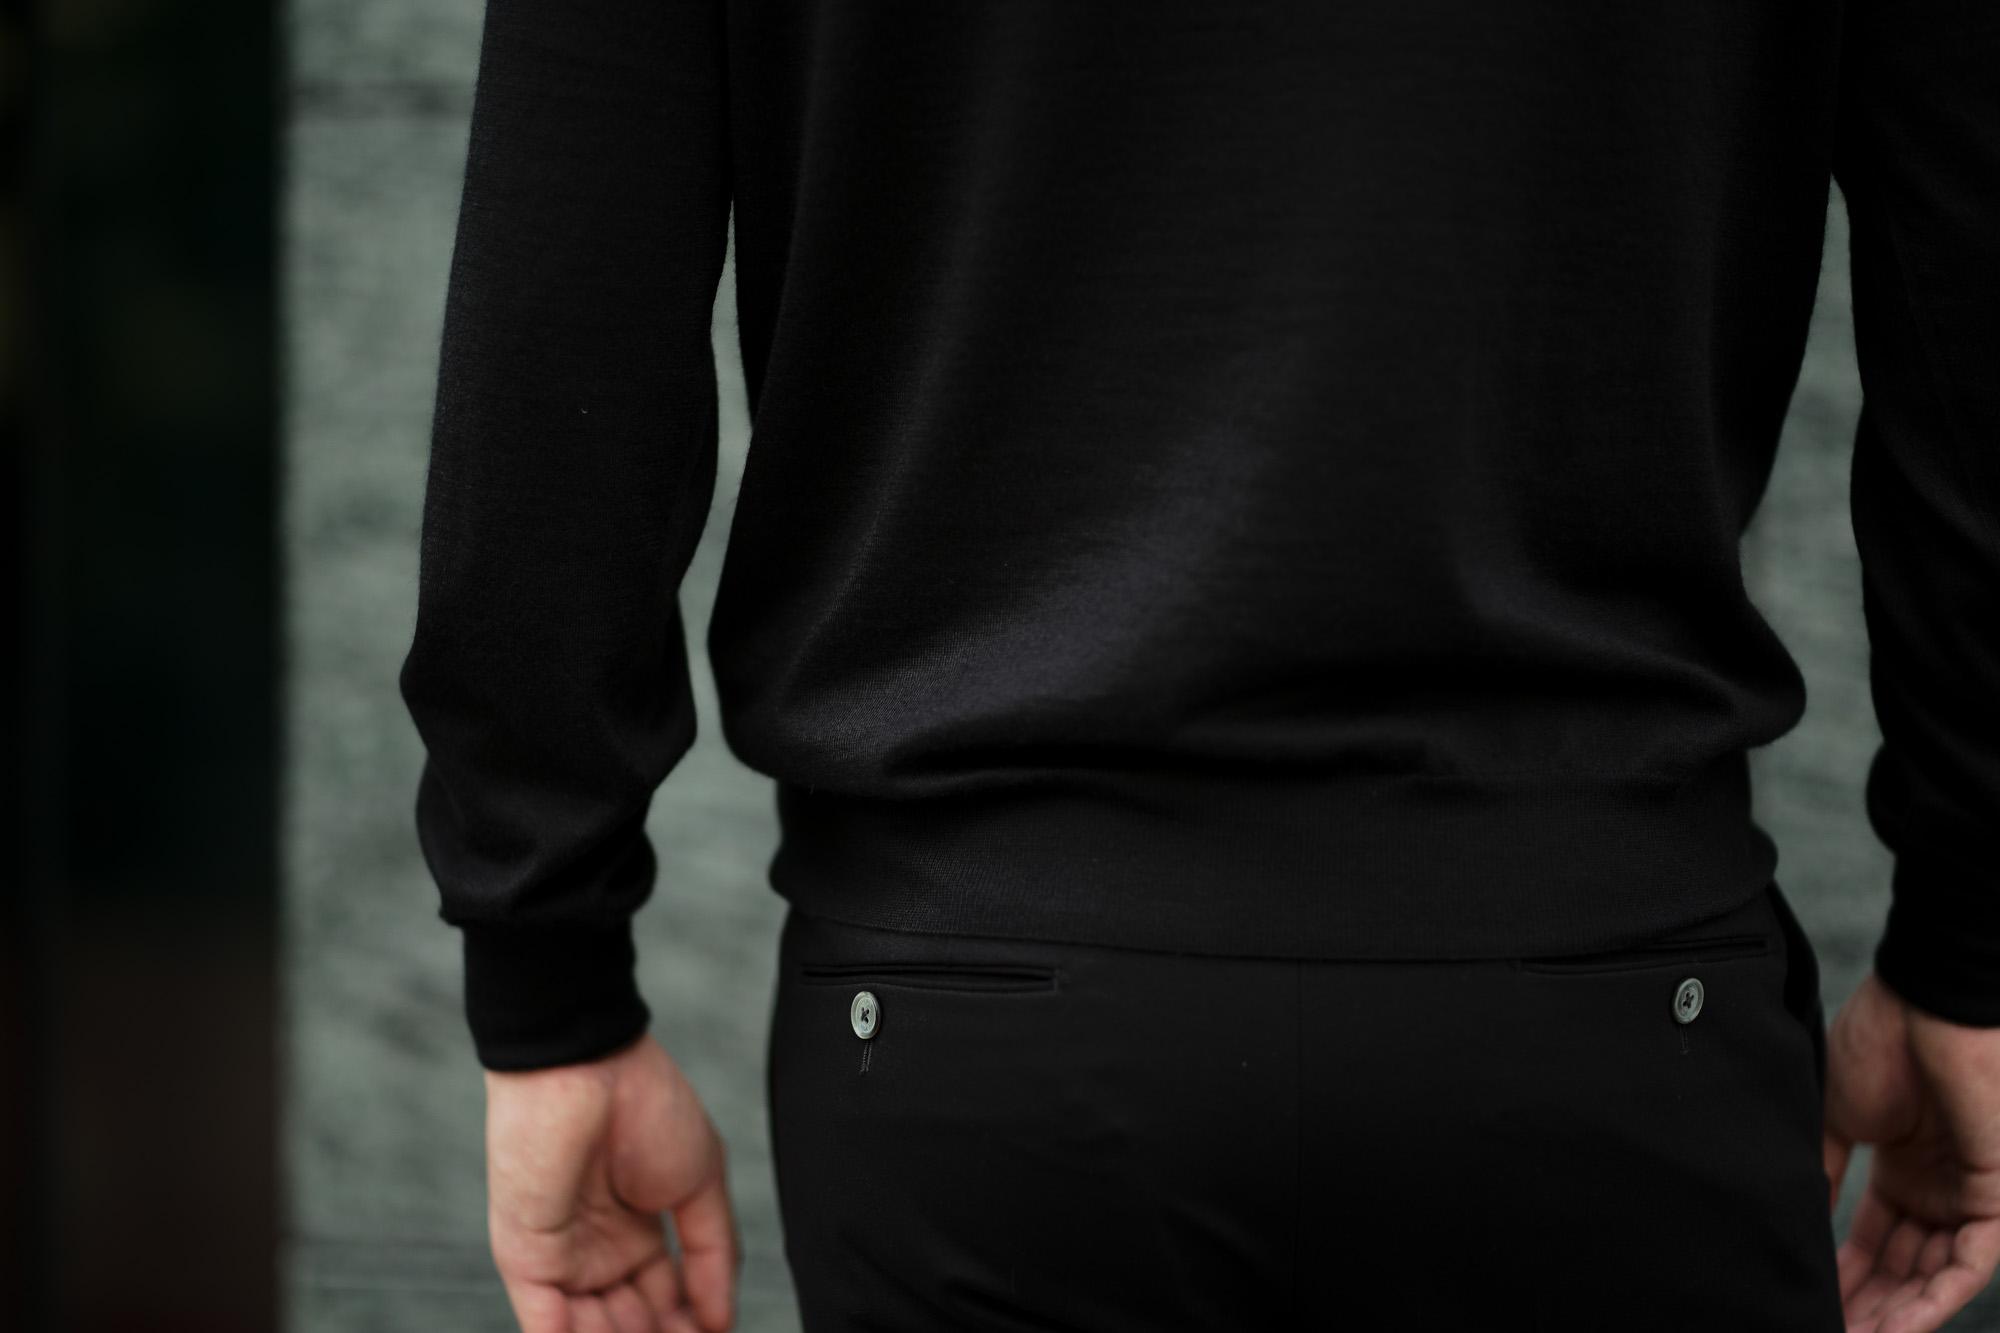 LAMBERTO LOSANI (ランベルト ロザーニ) Silk Cashmere Crew Neck Sweater(シルクカシミア クルーネック セーター) ハイゲージ シルクカシミヤニット セーター BLACK (ブラック・901) made in italy (イタリア製) 2019 秋冬新作  lambertolosani altoediritto アルトエデリット 愛知 名古屋